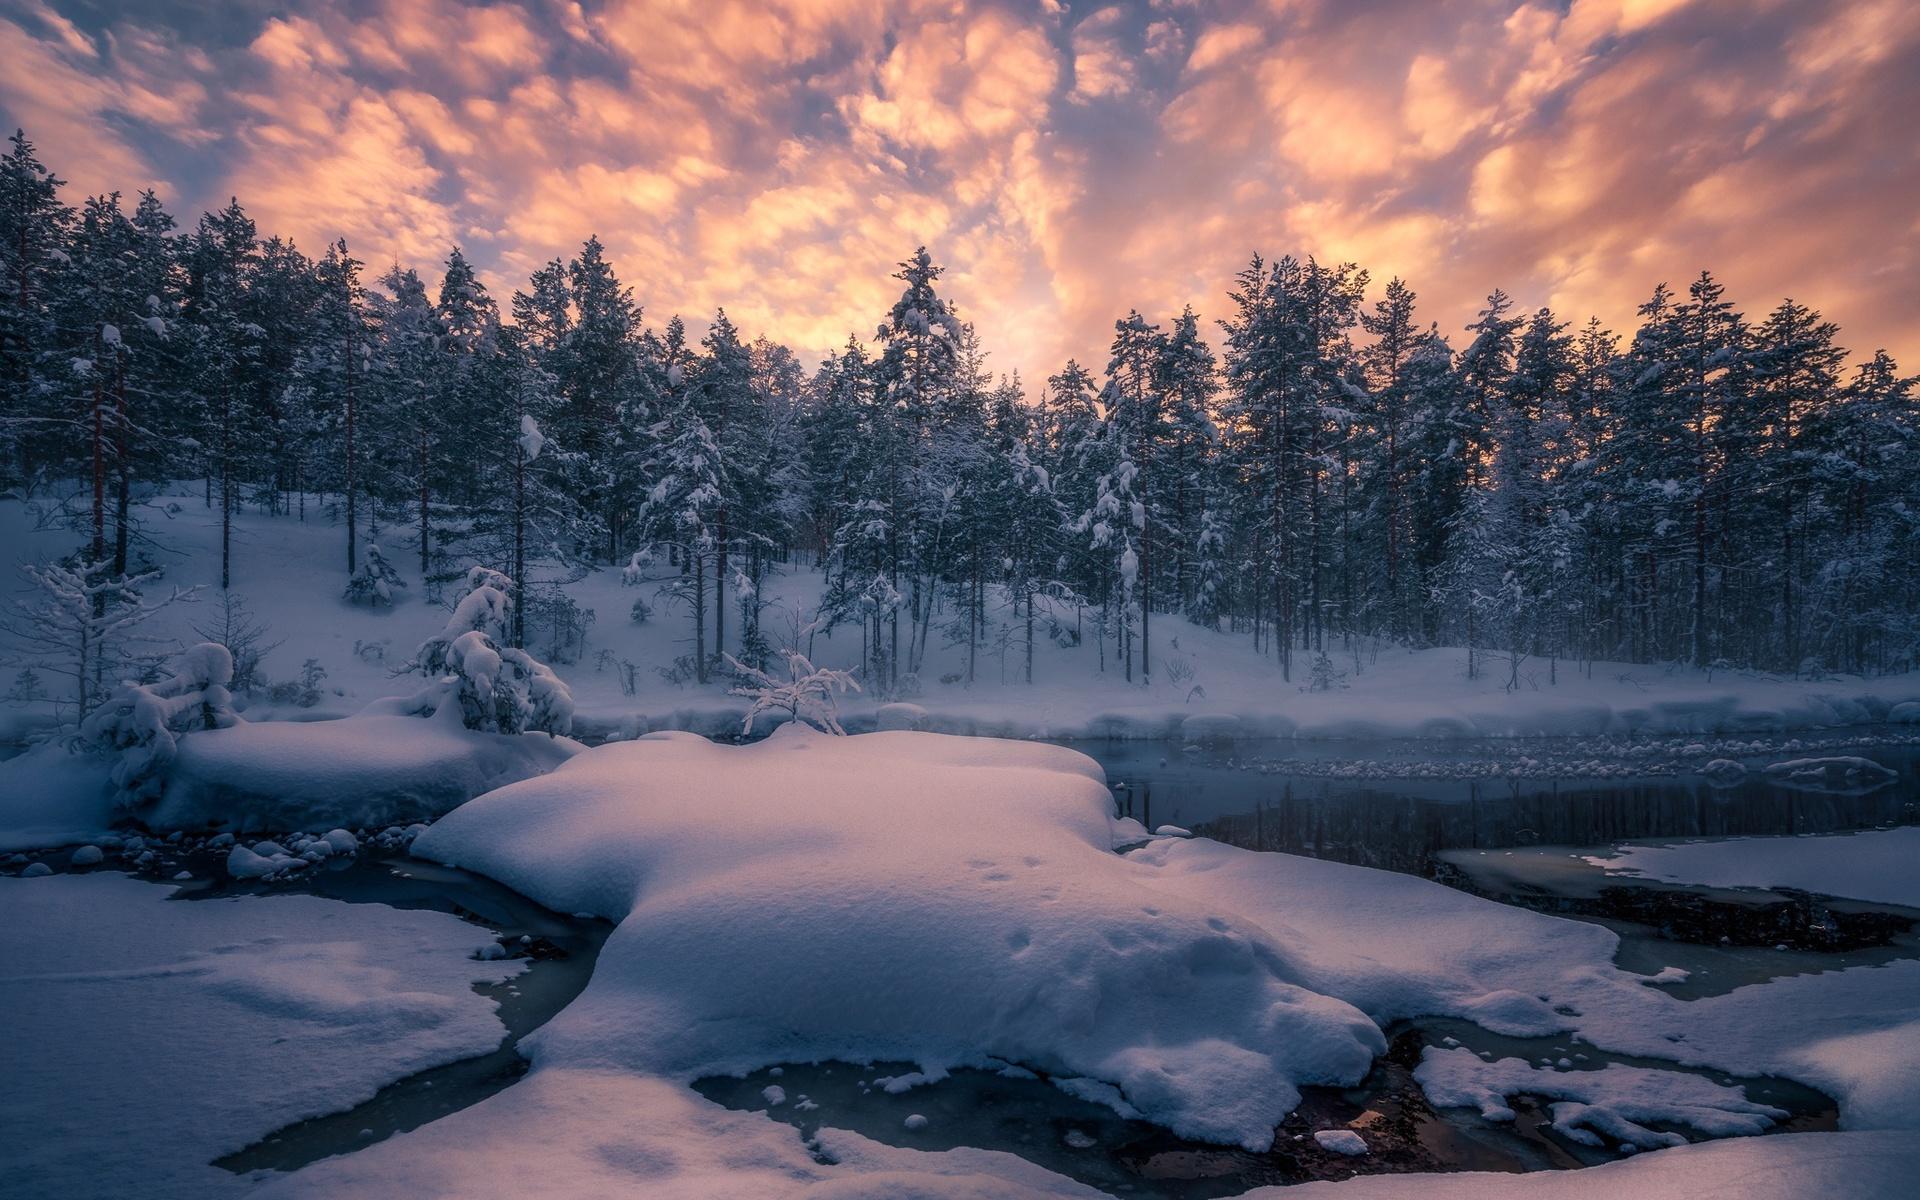 пейзаж, зима, зима, лес, снег, деревья, река, норвегия, сугробы, рингерике